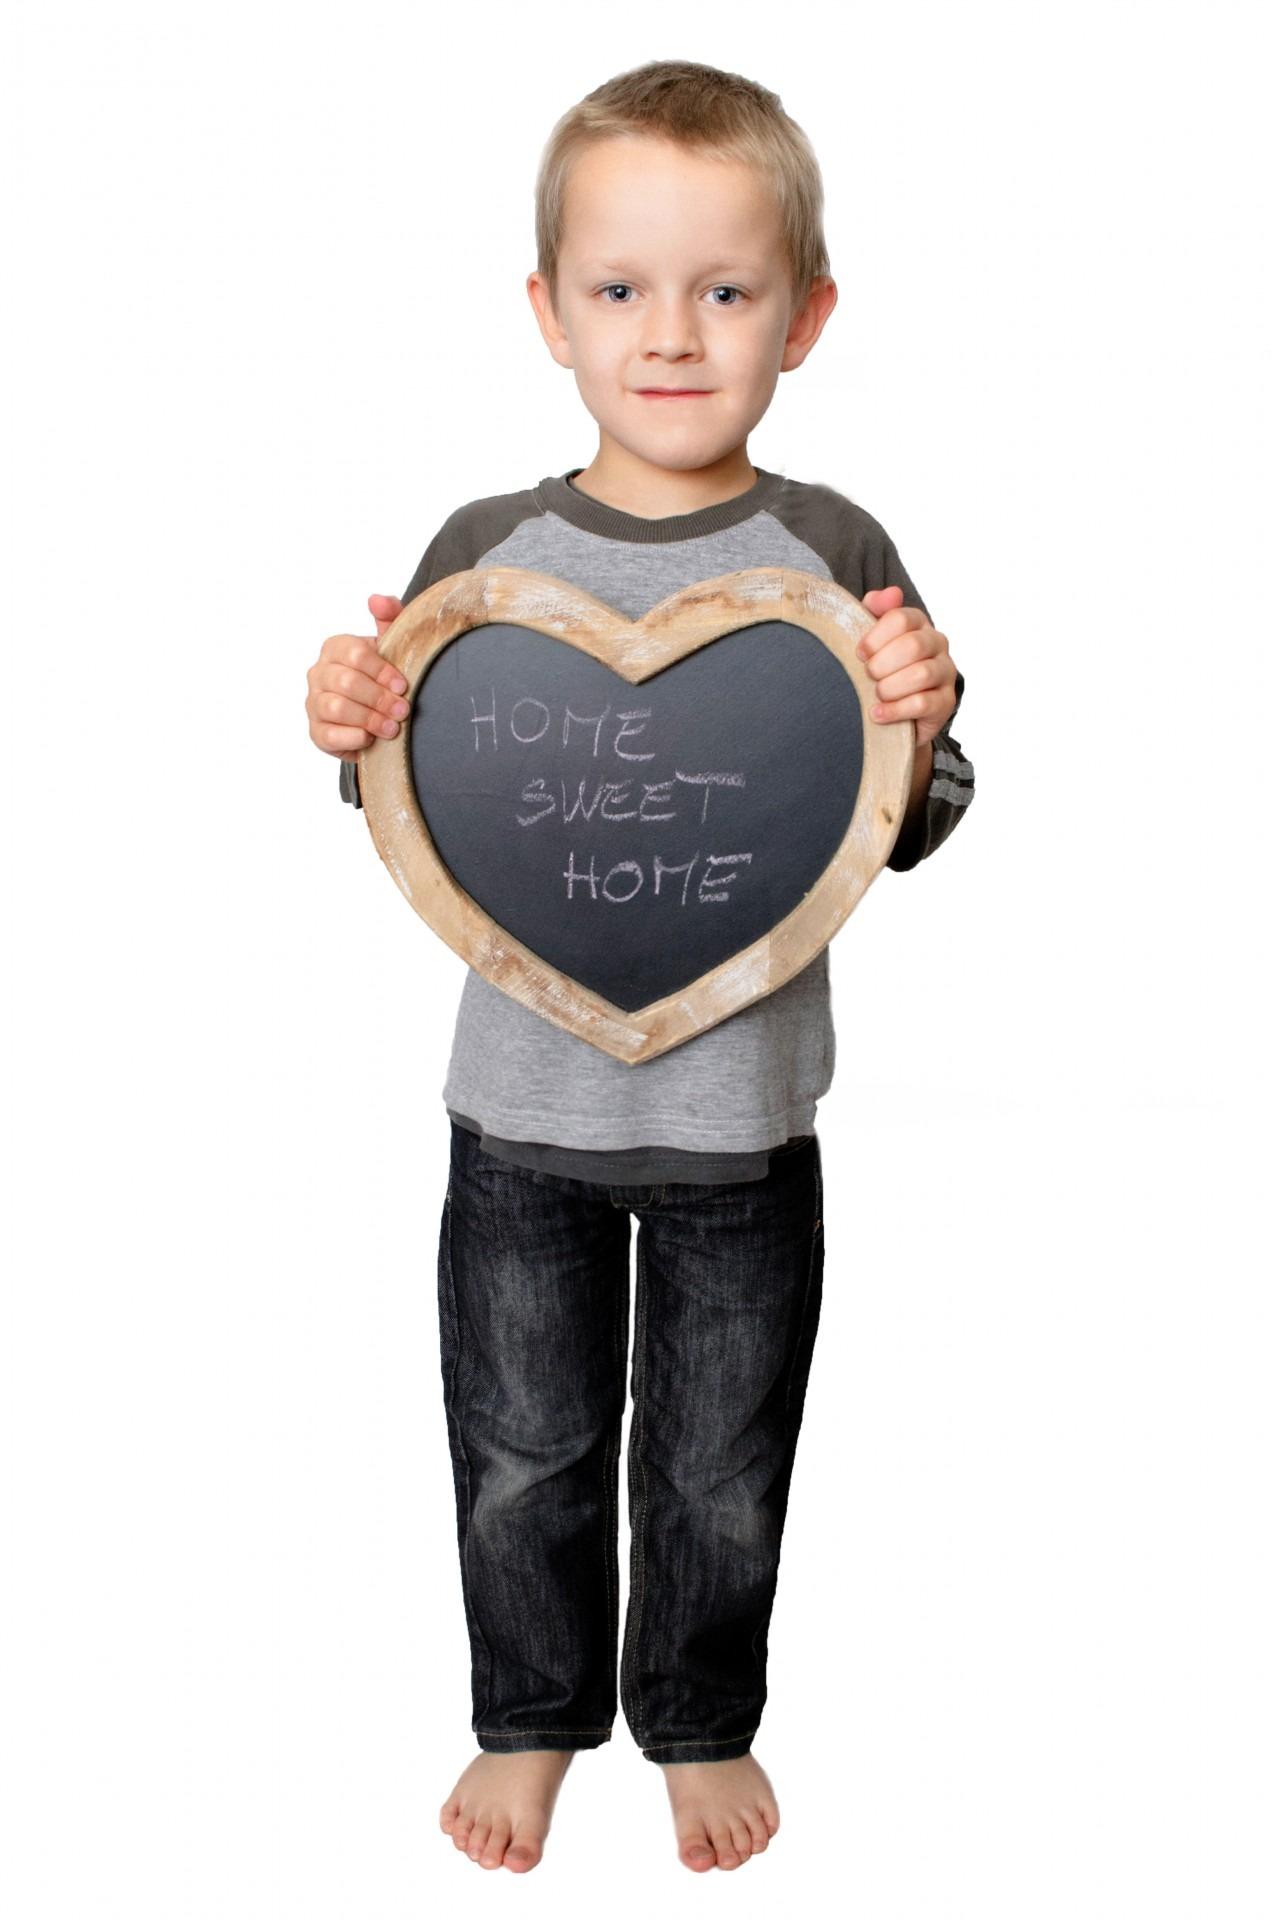 Fotos gratis : mano, persona, gente, niño, casa, corazón, dedo ...